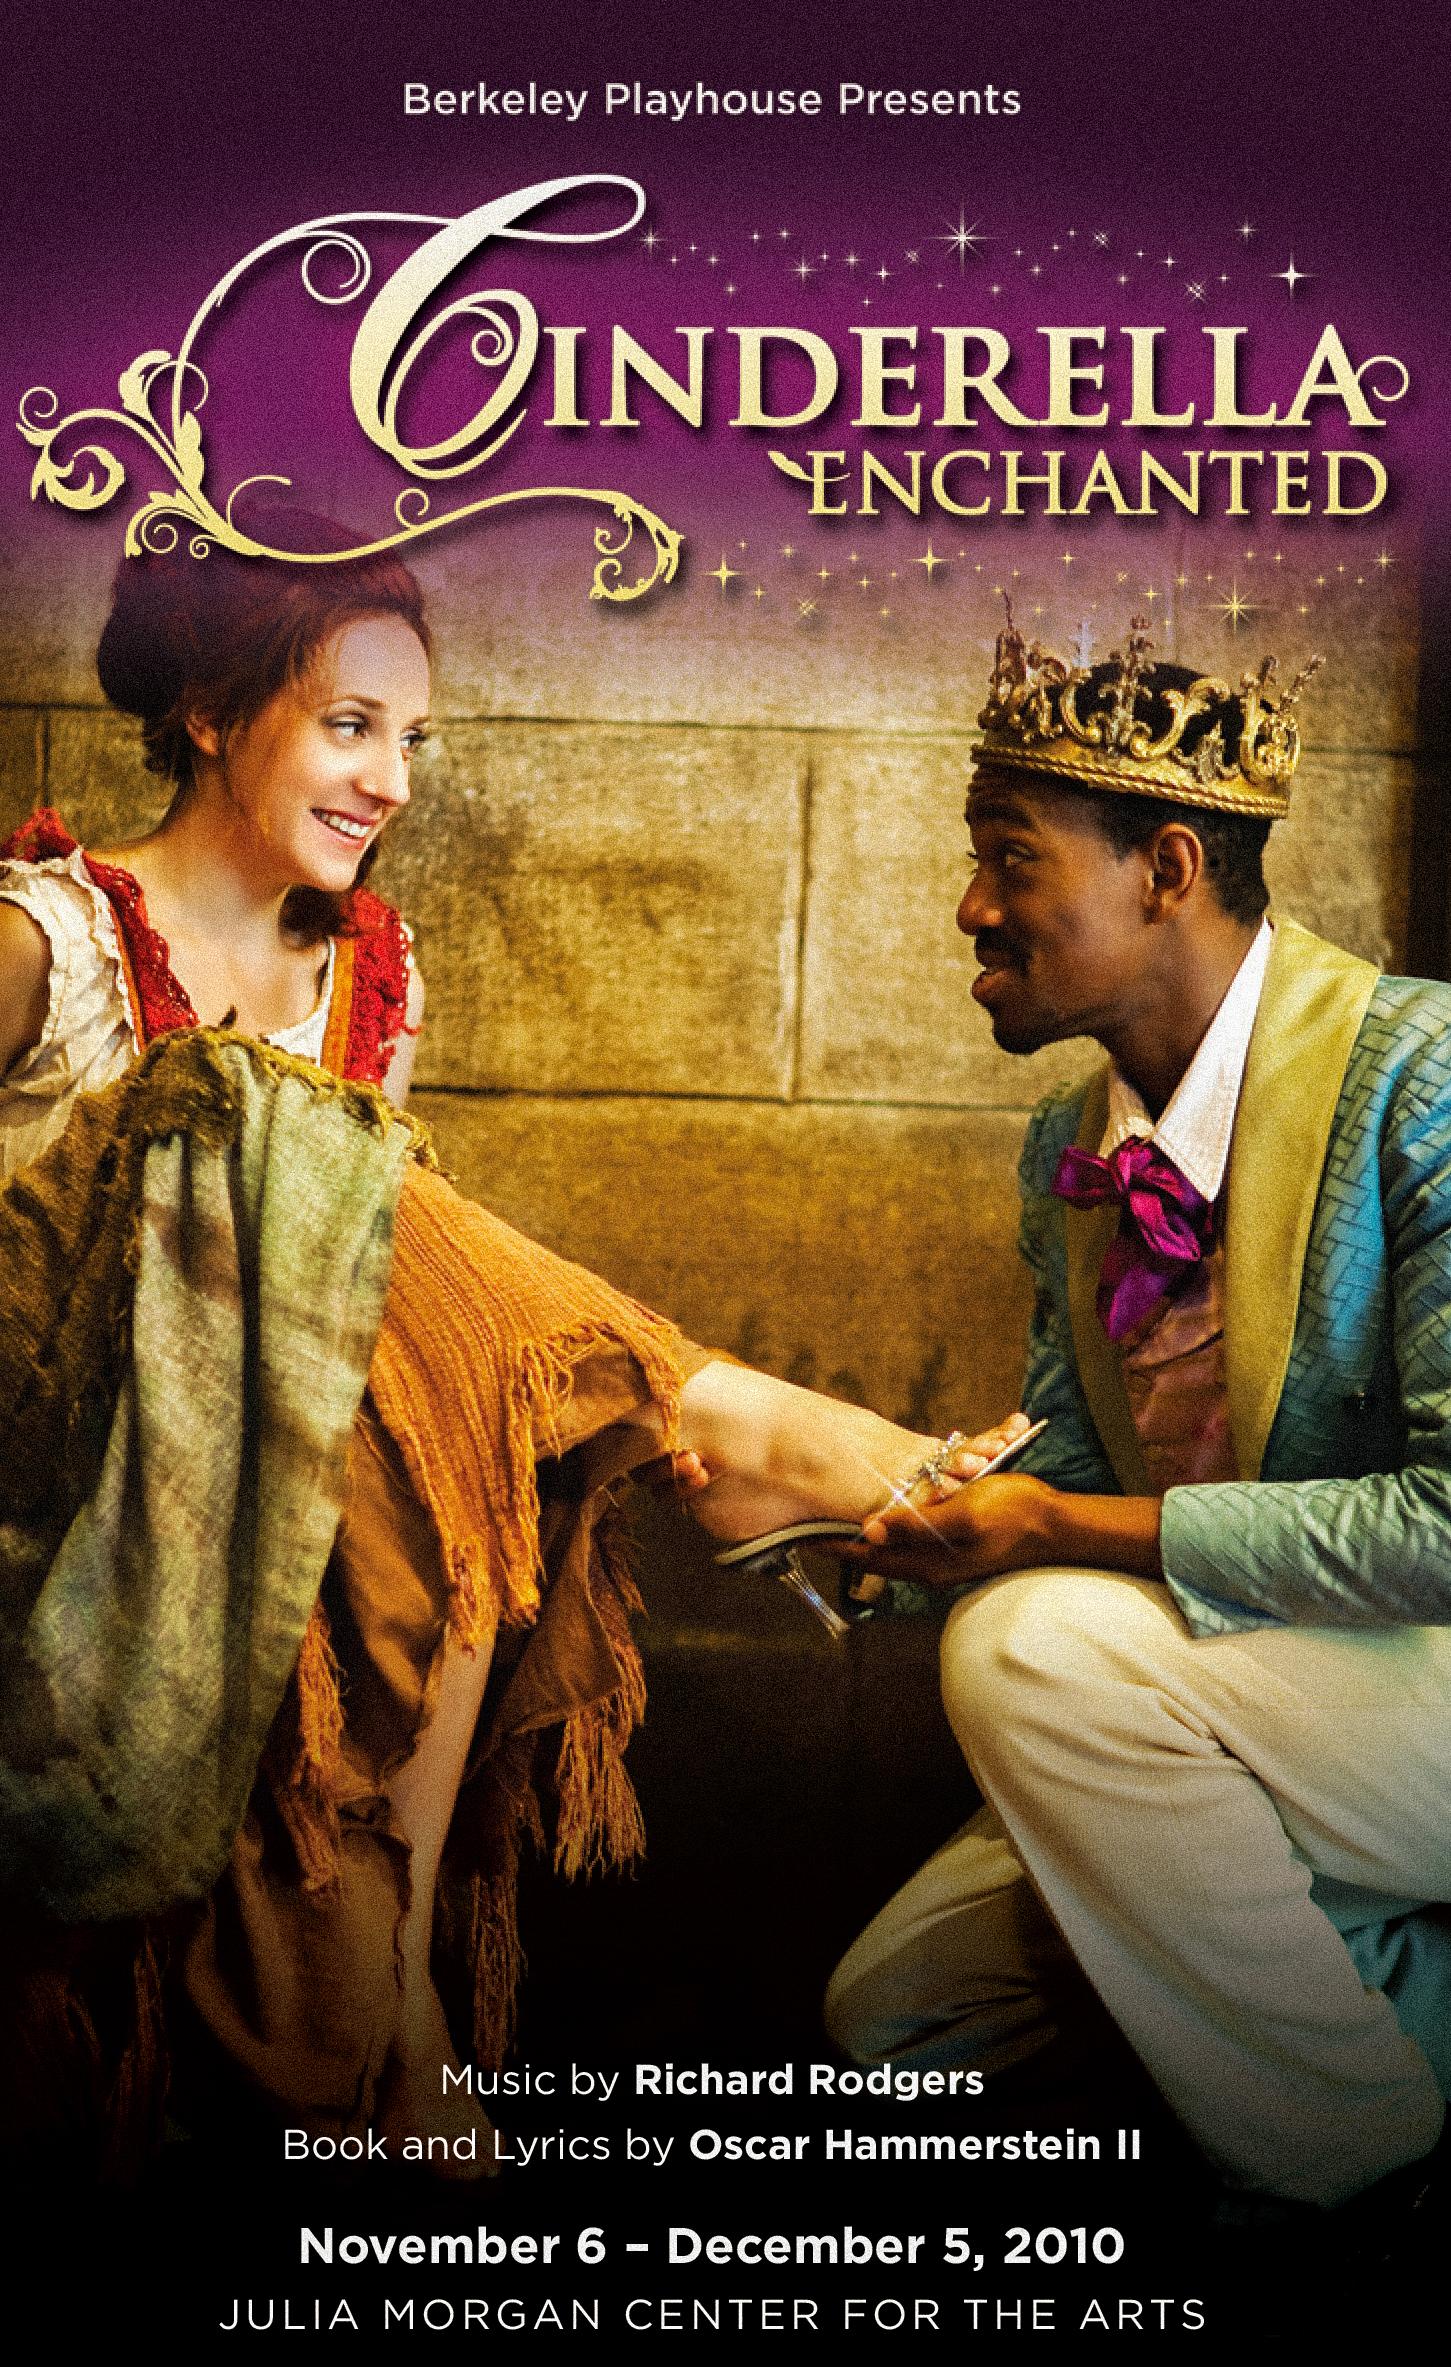 Cinderella Enchanted